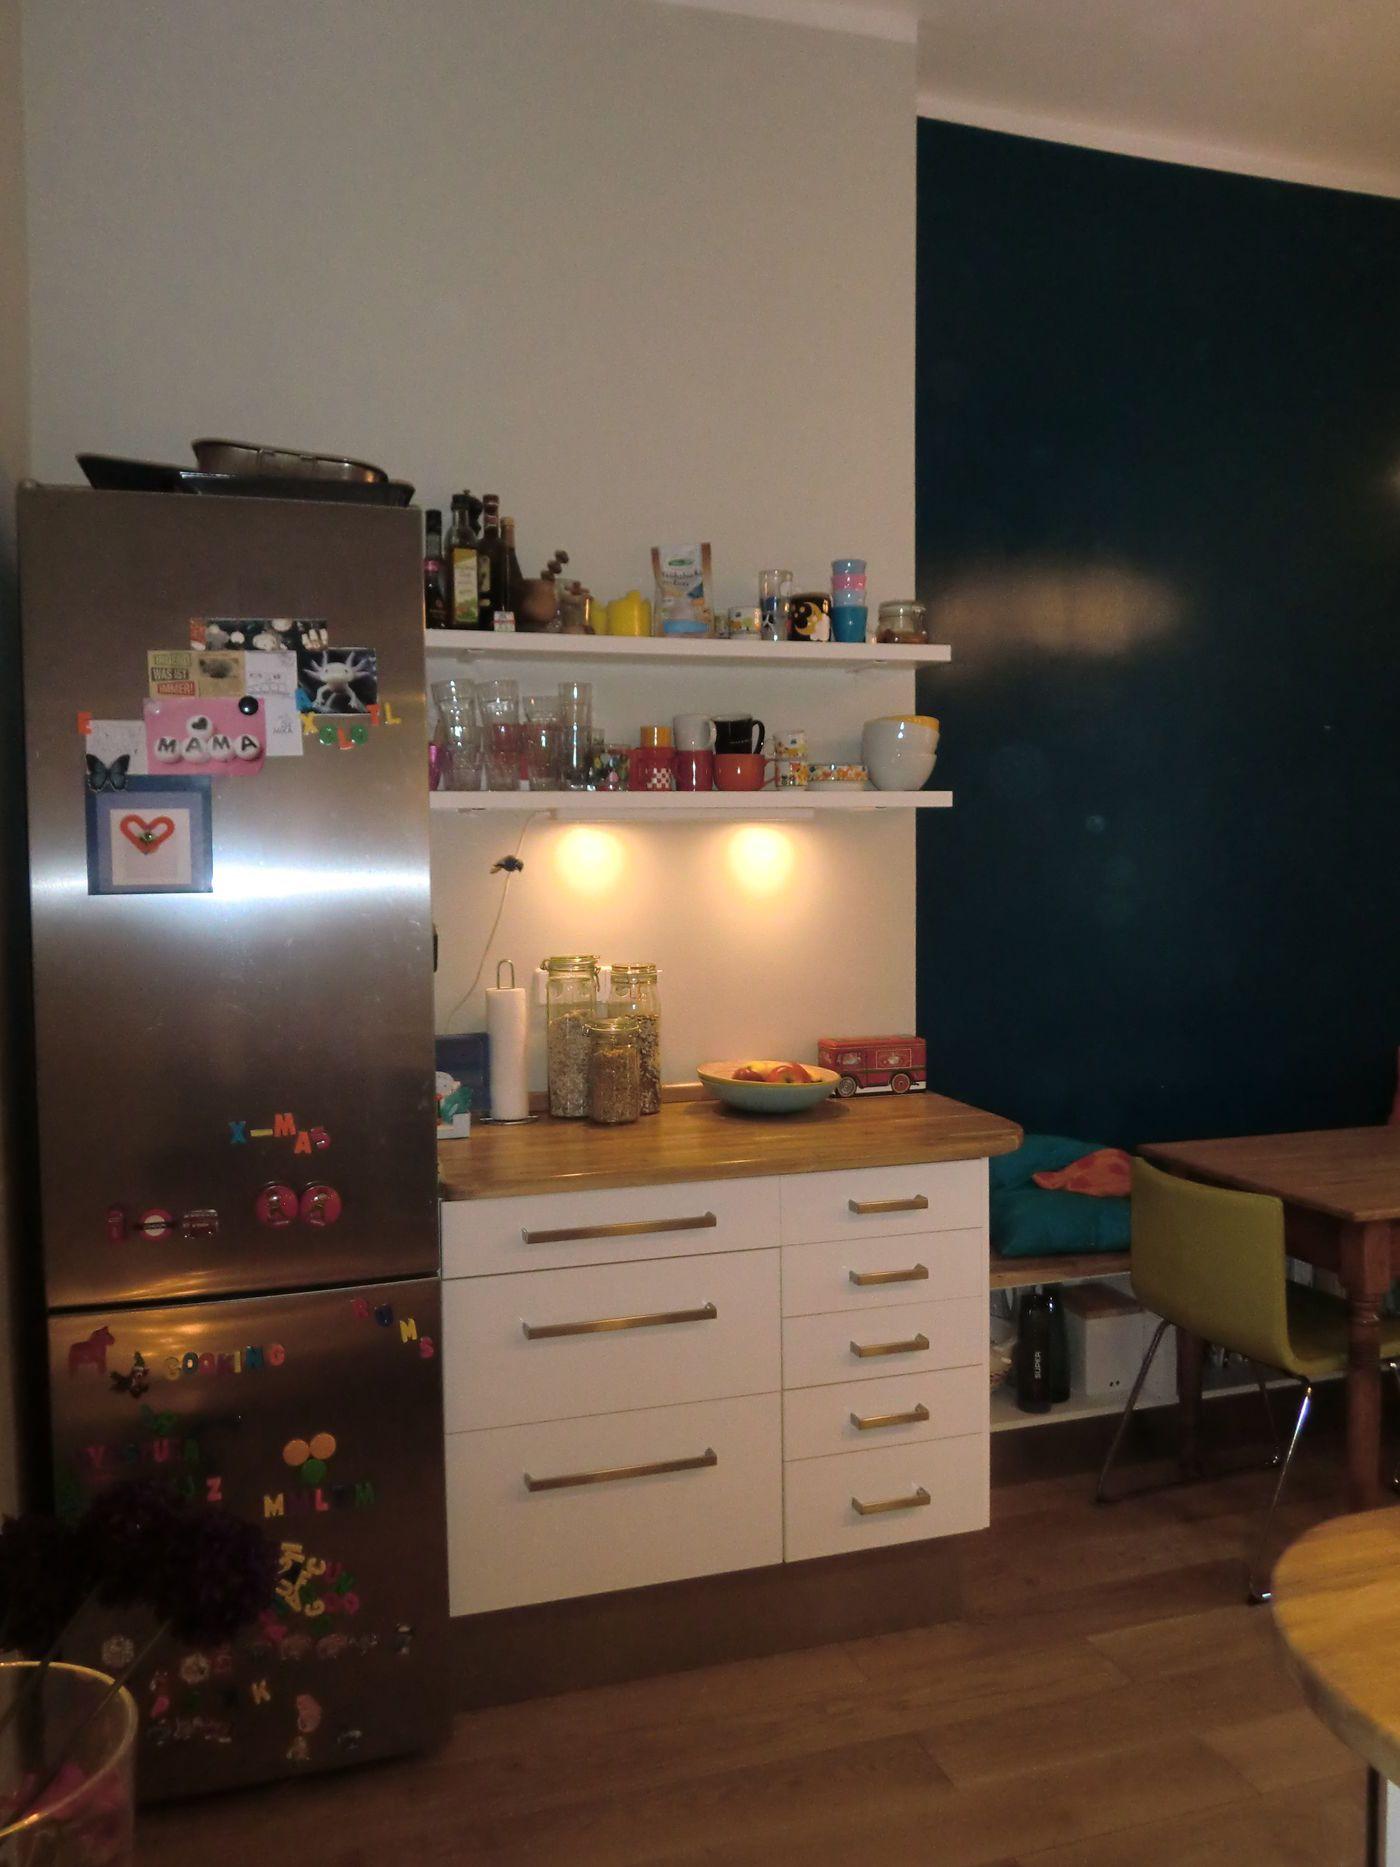 Niedlich Kleine Wohnung Küche Renovieren Bilder - Küchen Design ...